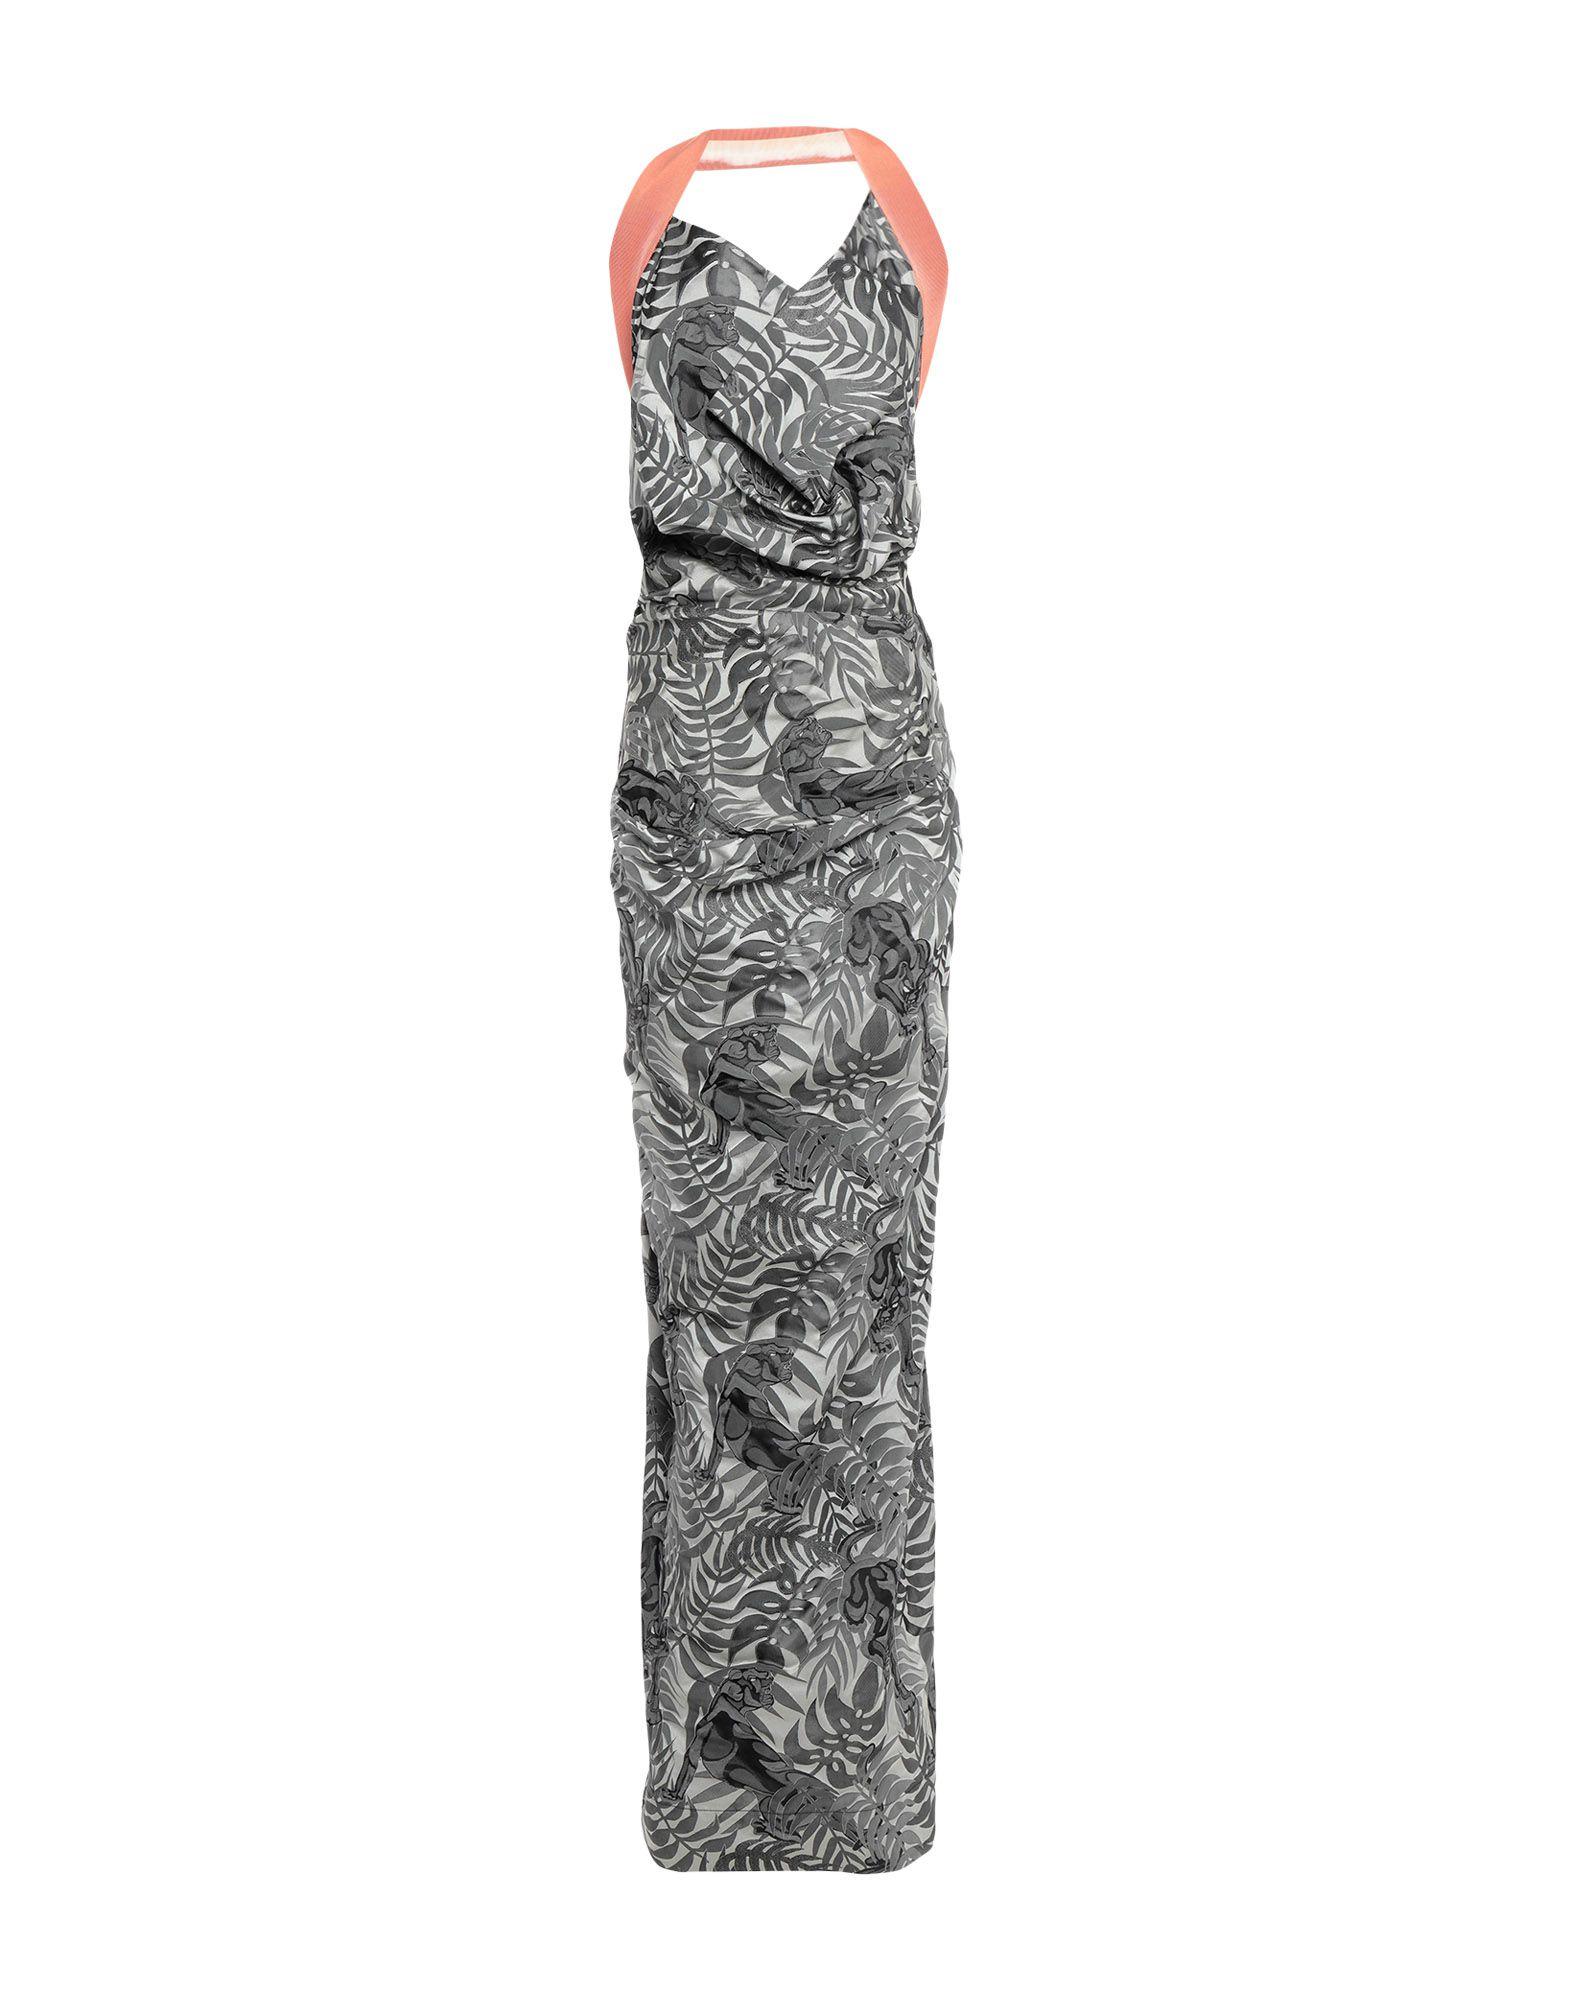 купить ANDREAS KRONTHALER for VIVIENNE WESTWOOD Длинное платье по цене 123200 рублей